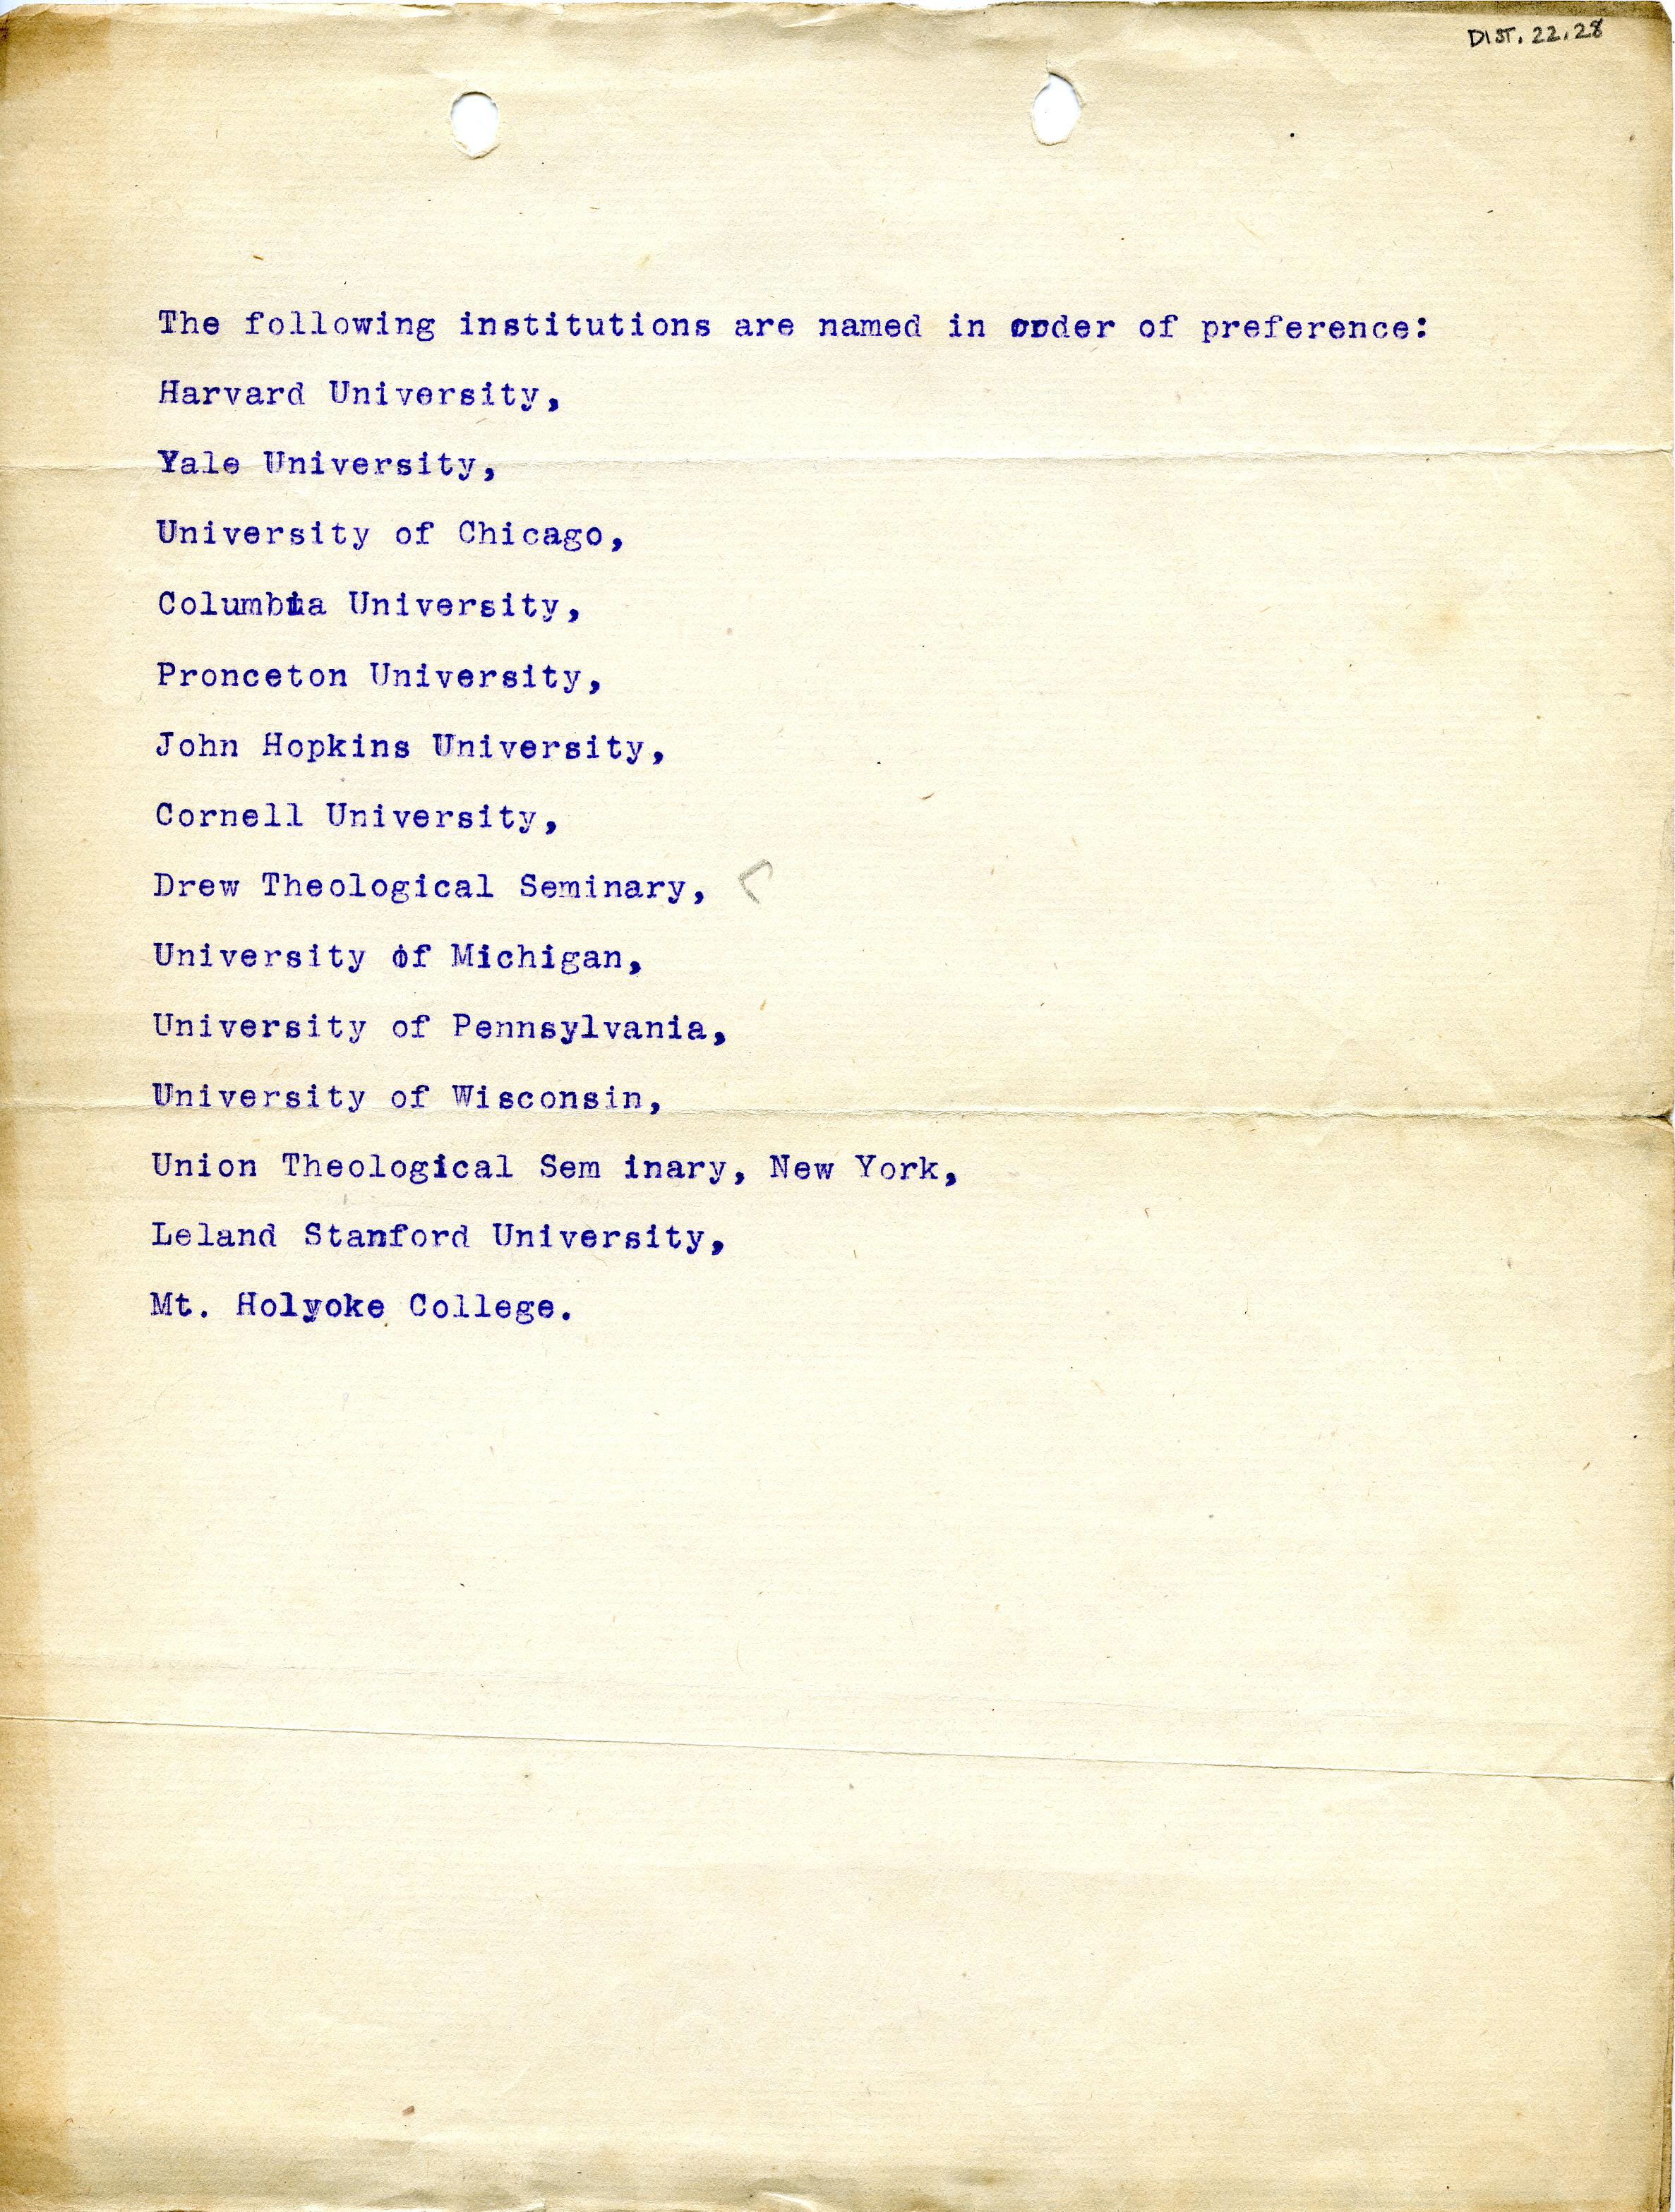 1902-07 Oxyrhynchus, Faiyum, el-Hibeh DIST.22.28